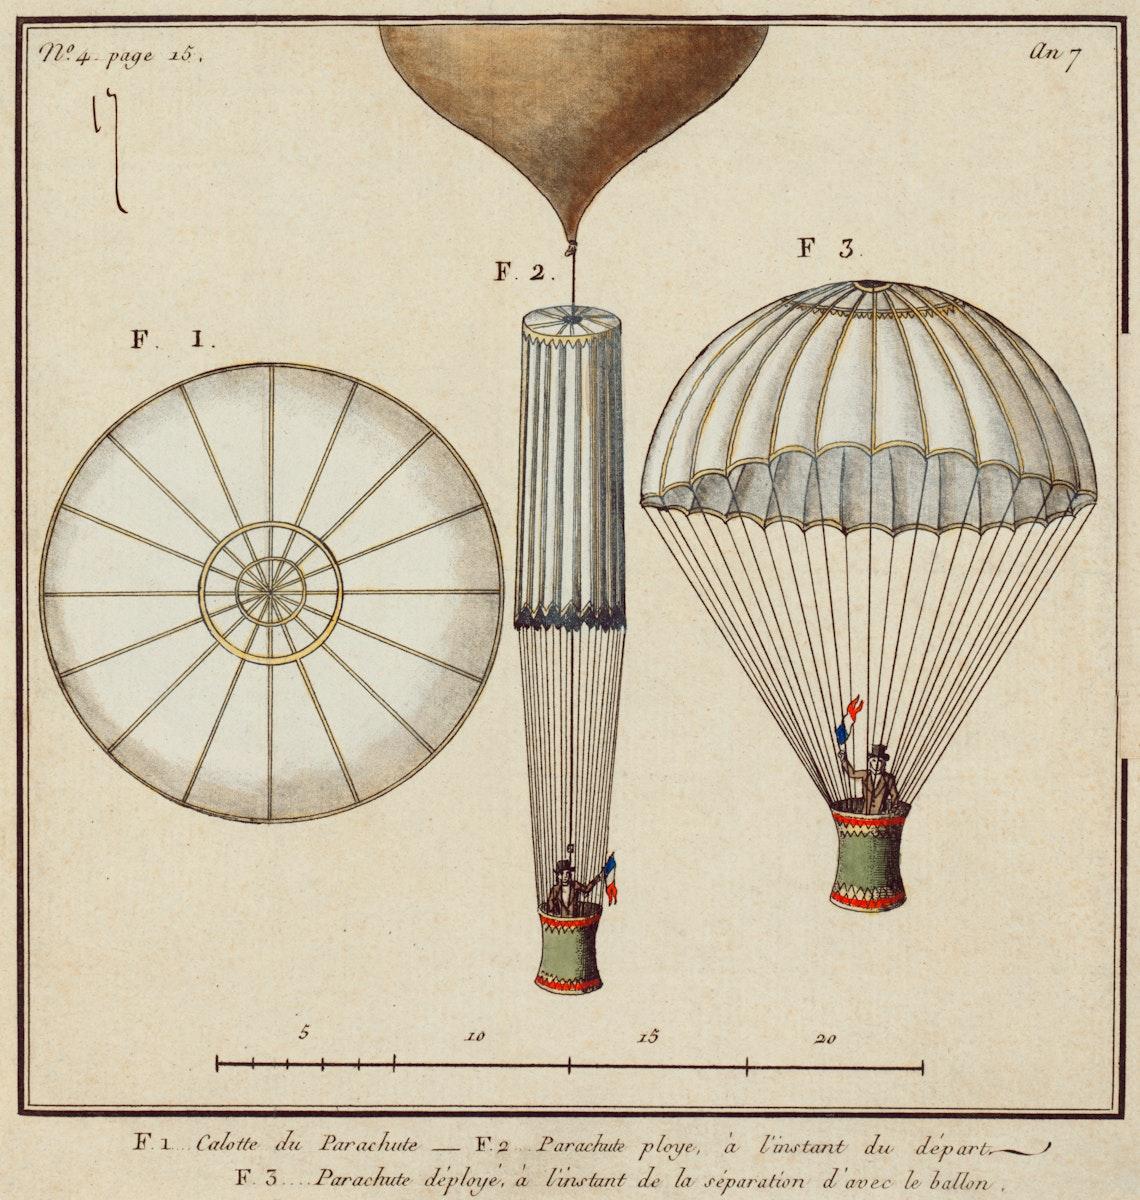 Le Premier Parachute de Jacques Garnerin, Essaye par lui-Meme au Parc de Mousseaux, le 22 Octobre 1797 by an unknown artist.…